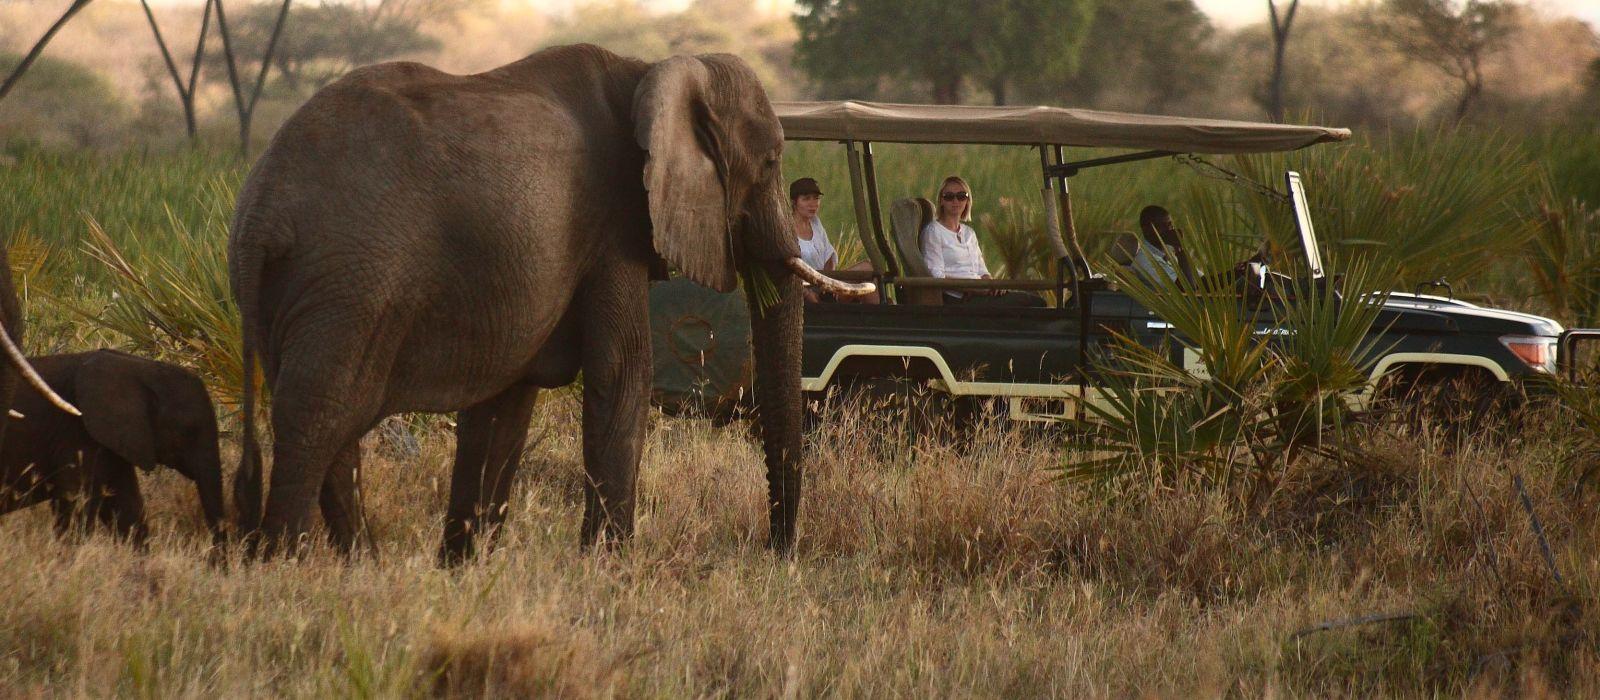 Kenia: Abseits bekannter Wege Urlaub 1